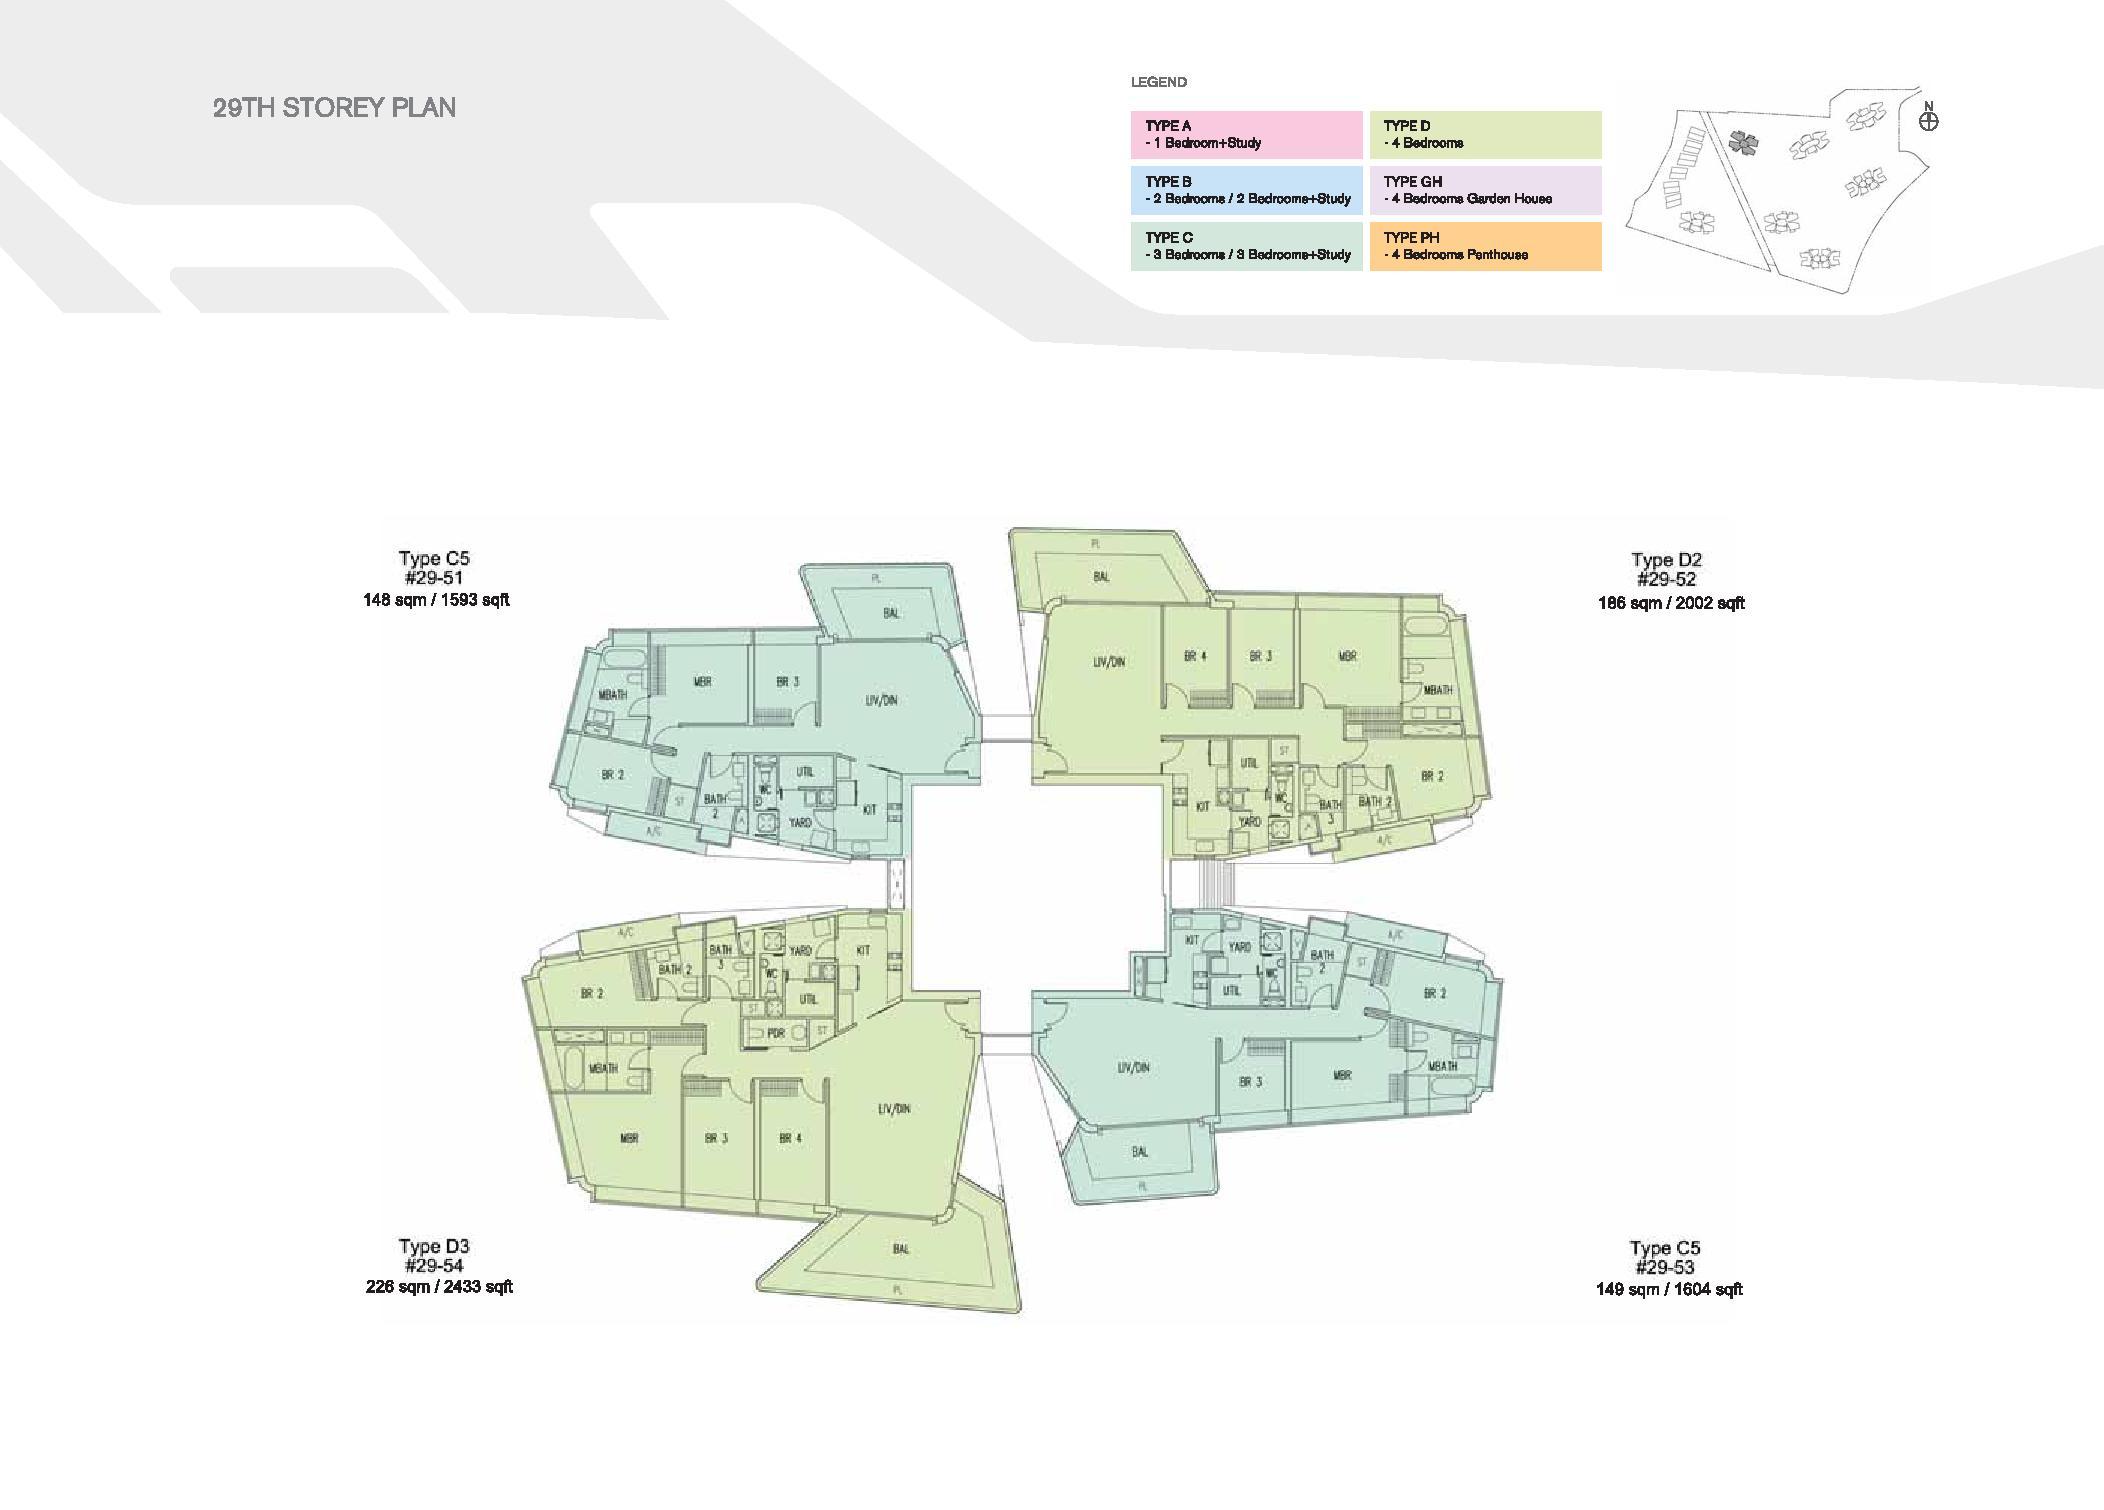 D'Leedon Block 15 29th Storey Floor Plans